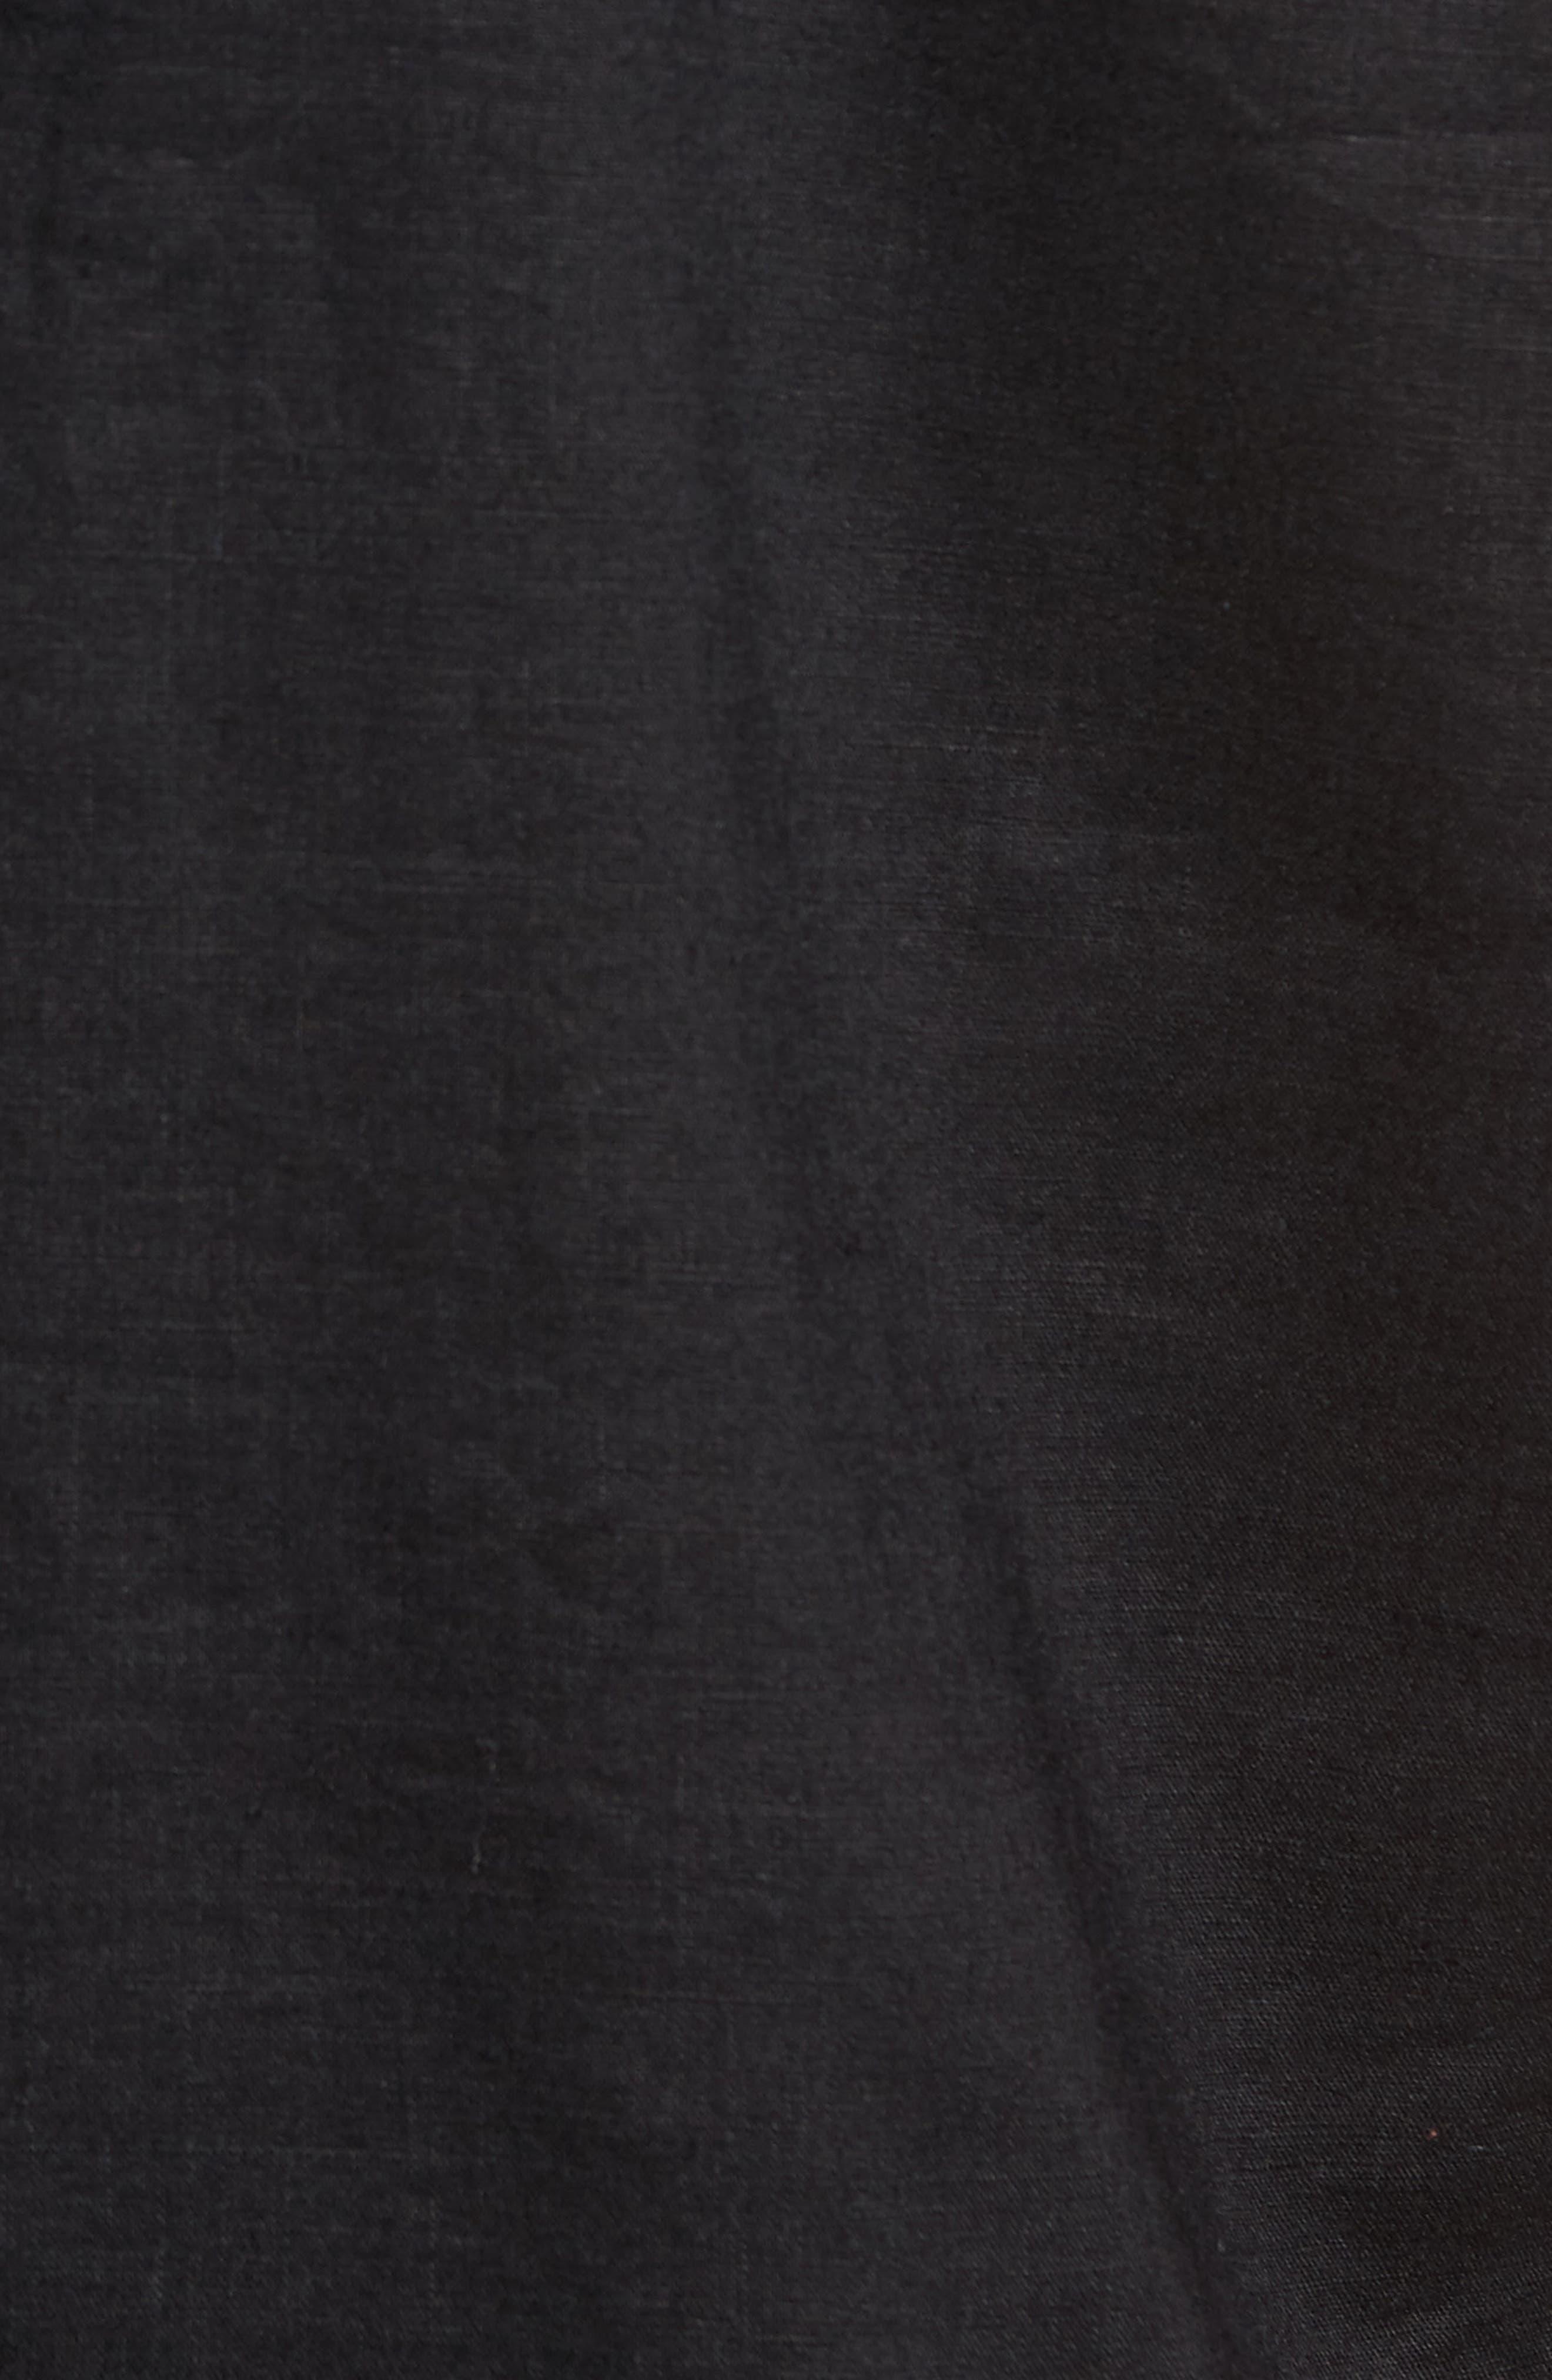 Monaco Tides Linen Blend Camp Shirt,                             Alternate thumbnail 5, color,                             Black